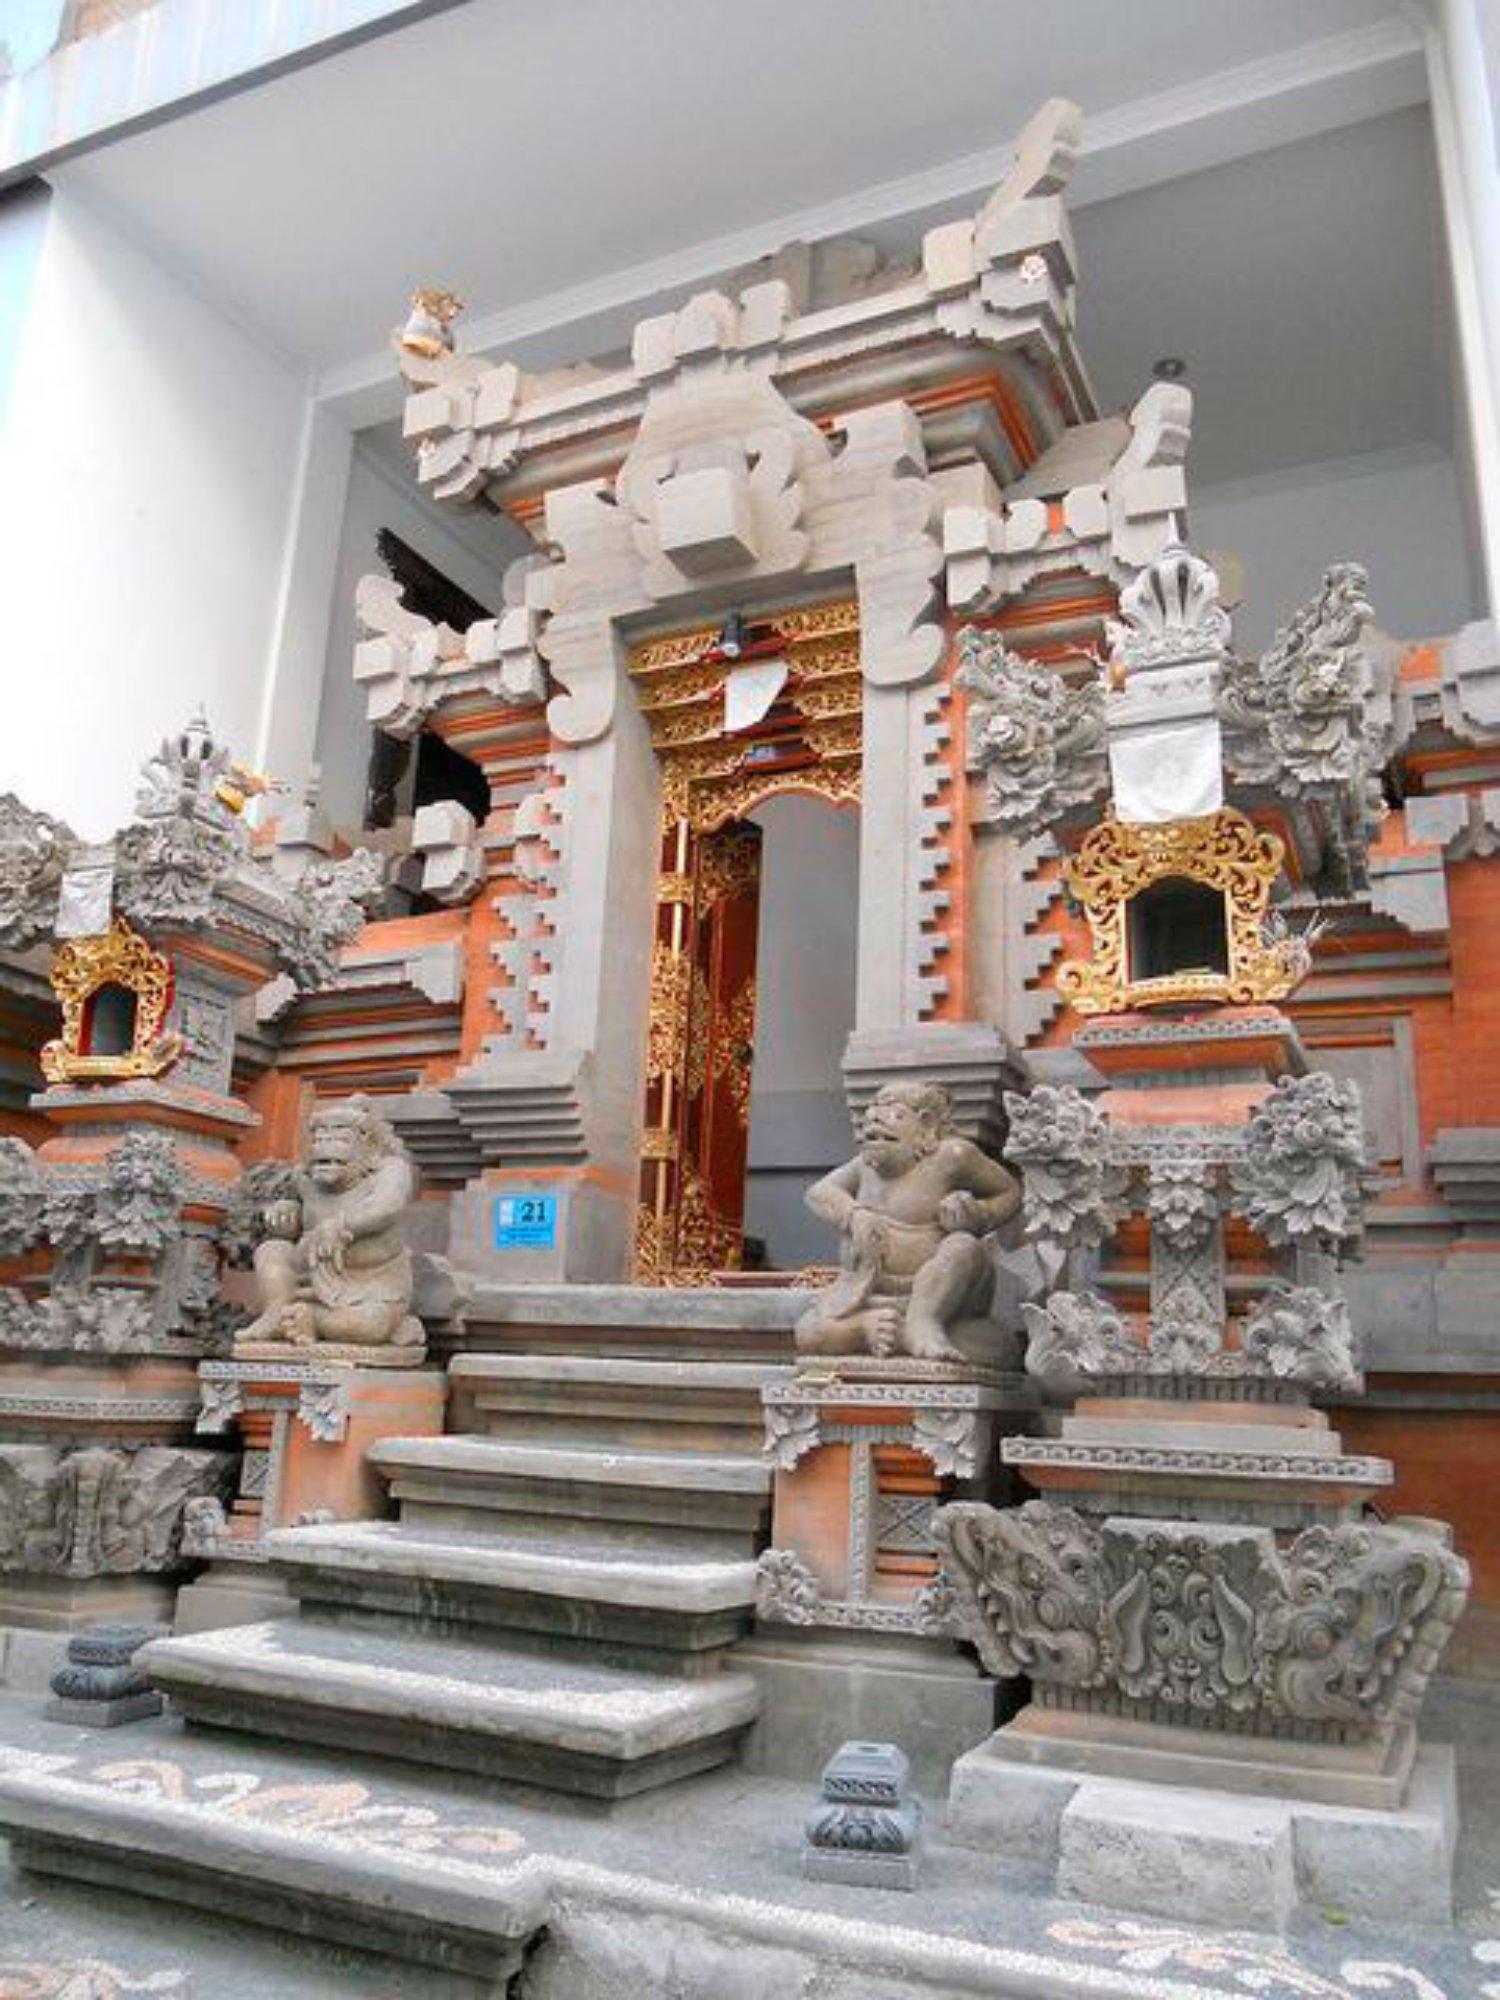 Jual Angkul Angkul Style Bali Bahan Batu Bata & Batu Alam